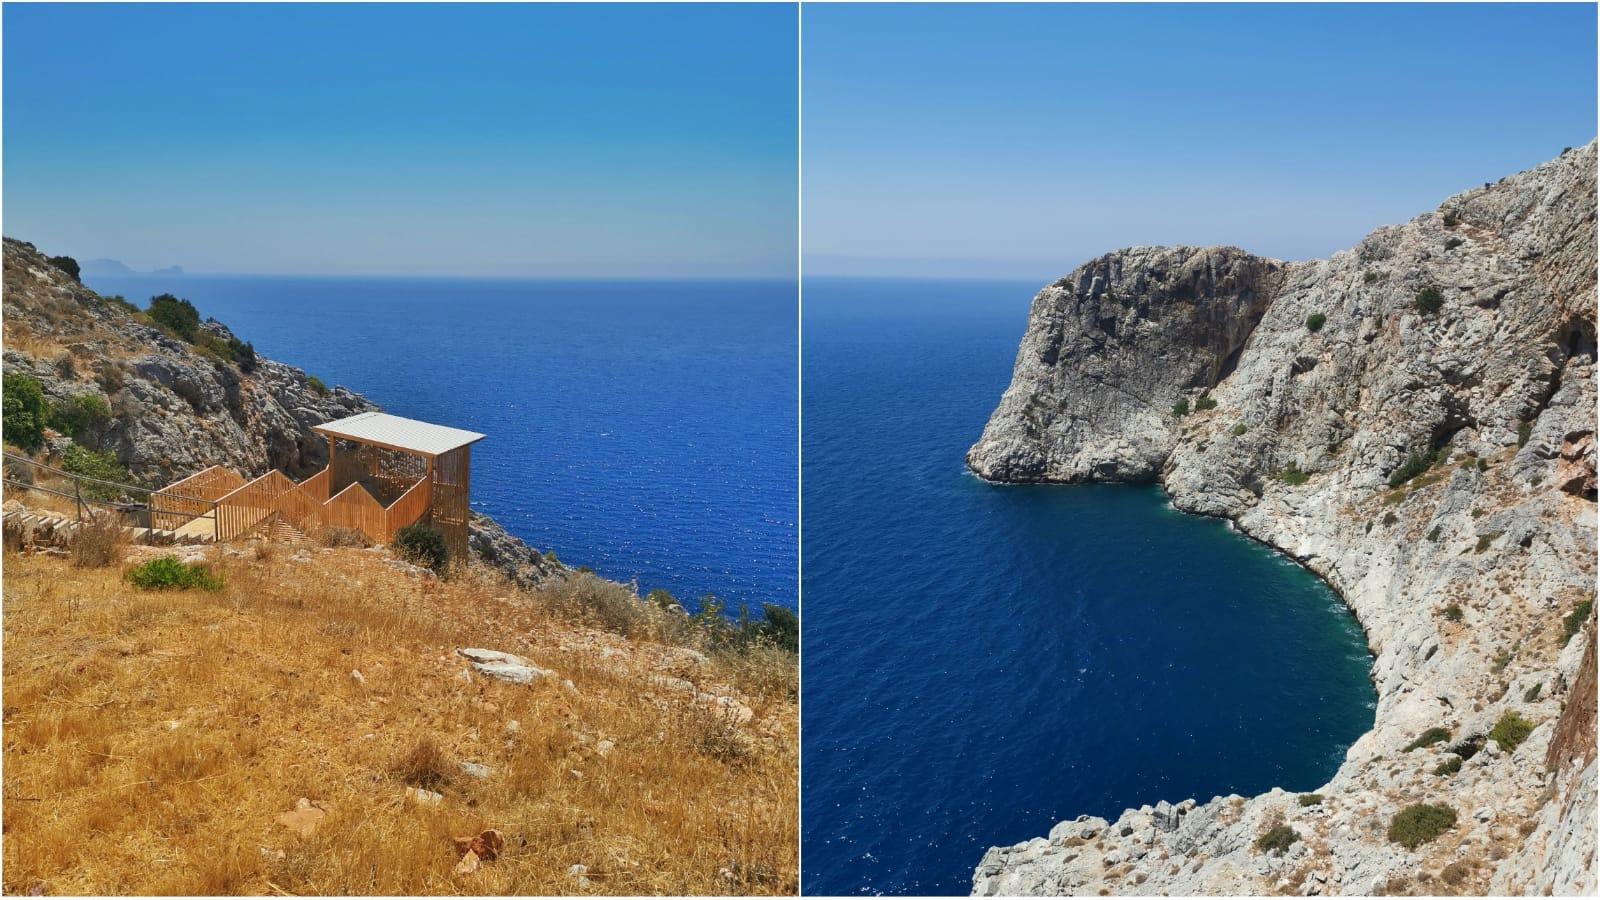 Gilindire (Aynalıgöl) Mağarası Gezi Rehberi - Dünyanın 8. Harikası Mersin'de